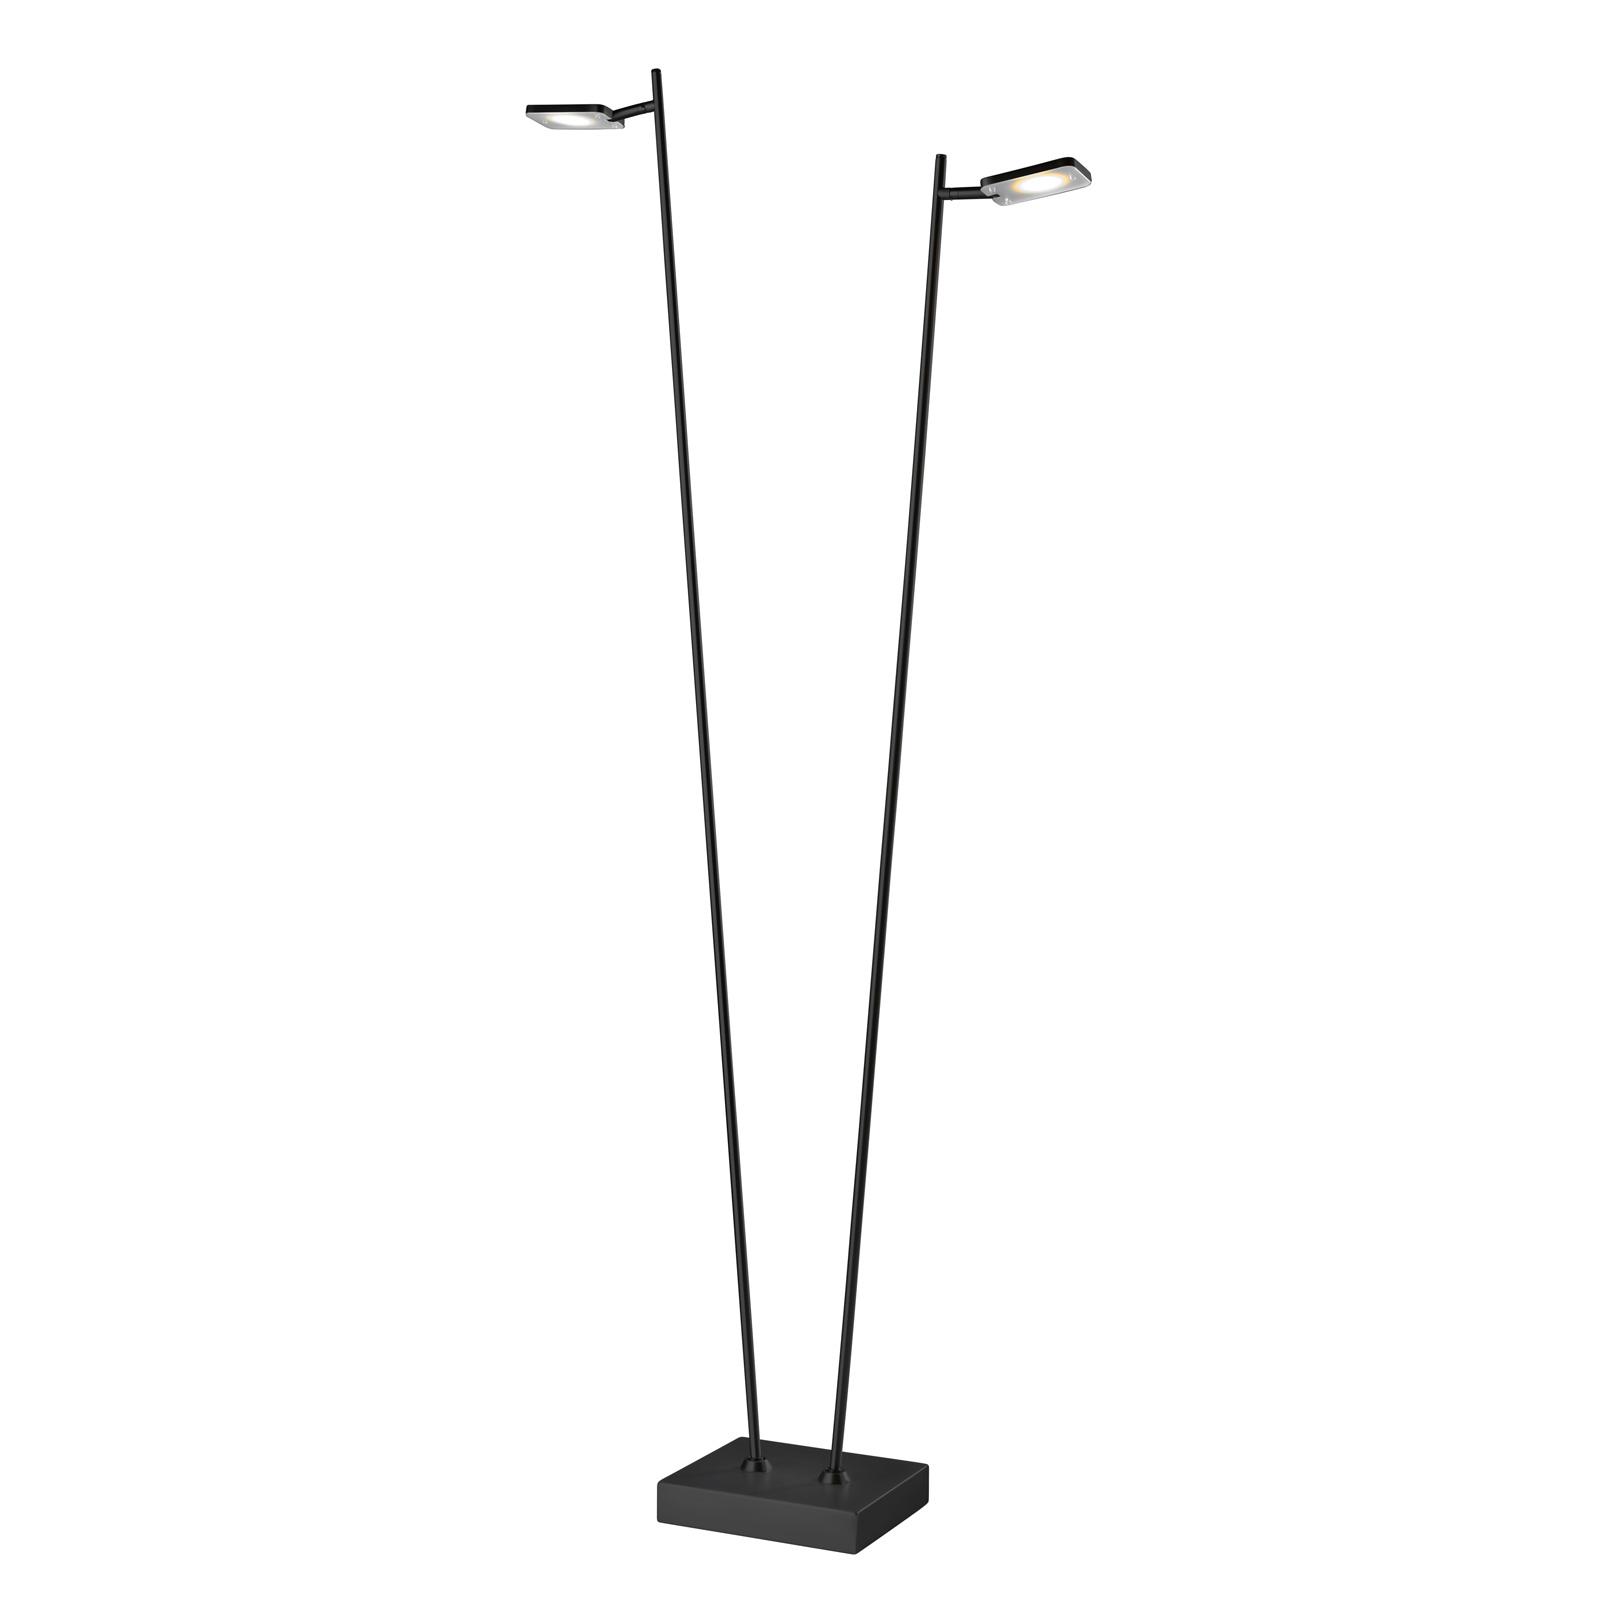 LED vloerlamp Quad, dimmer, 2-lamps, zwart